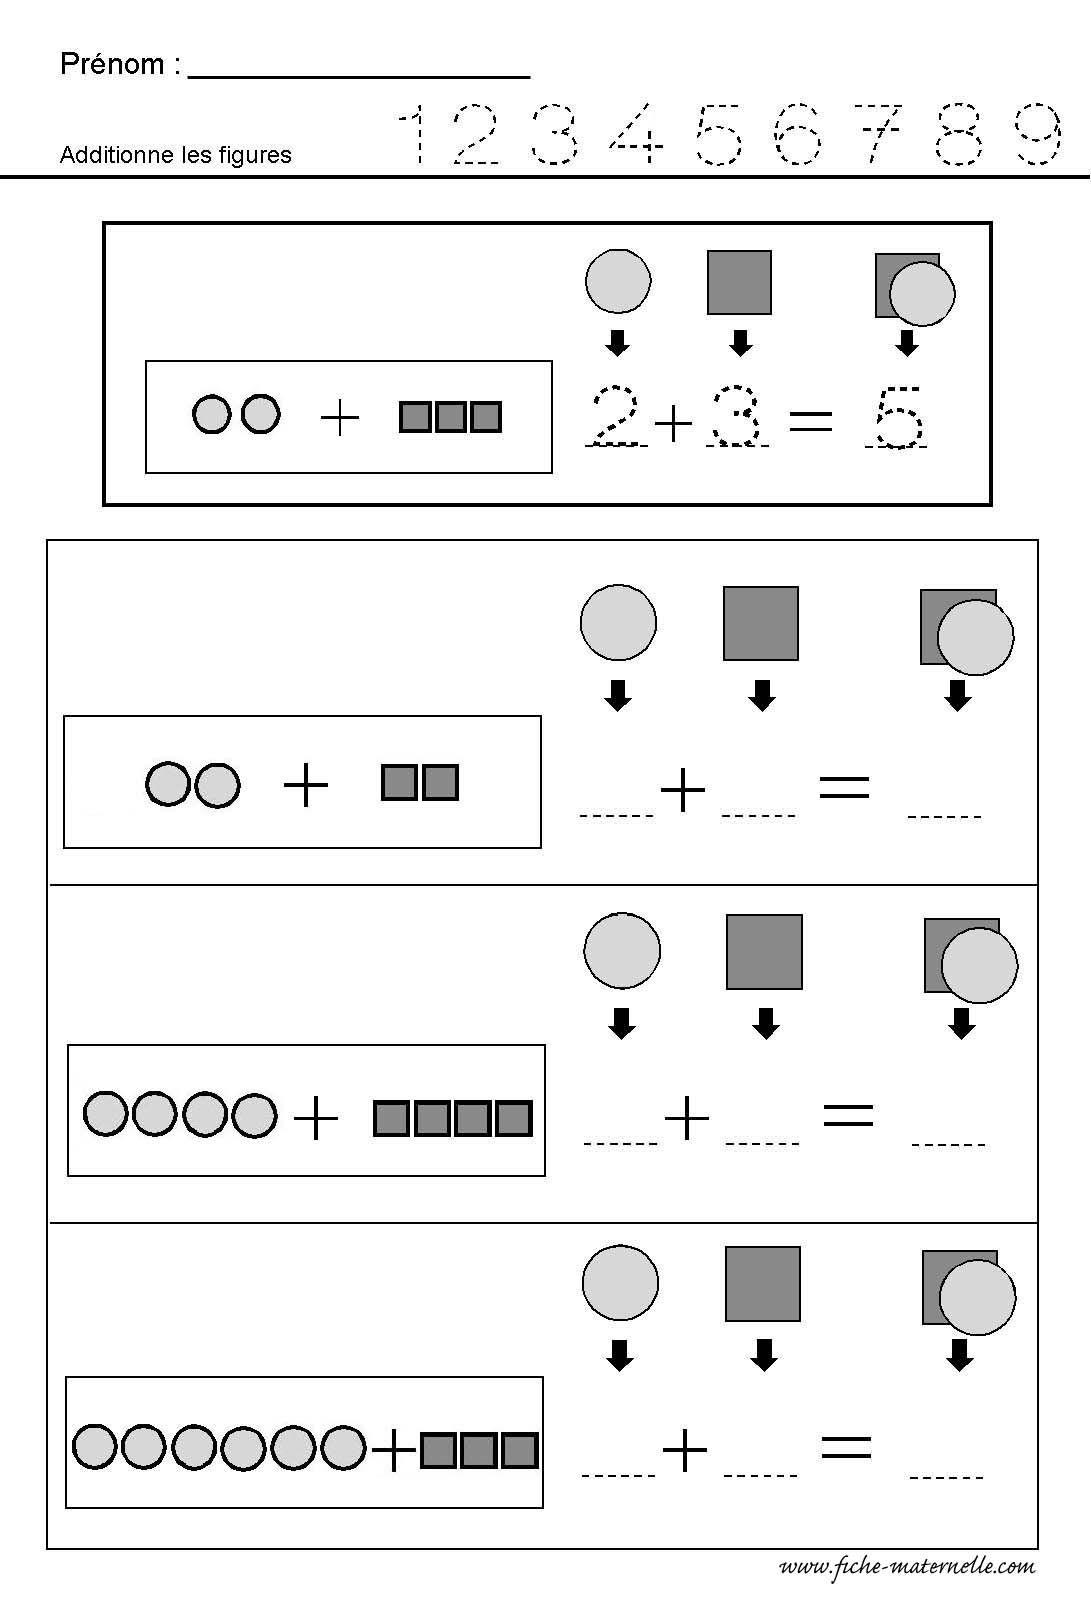 Mathématiques : ADDITIONNER des quantités | Mathématiques ...